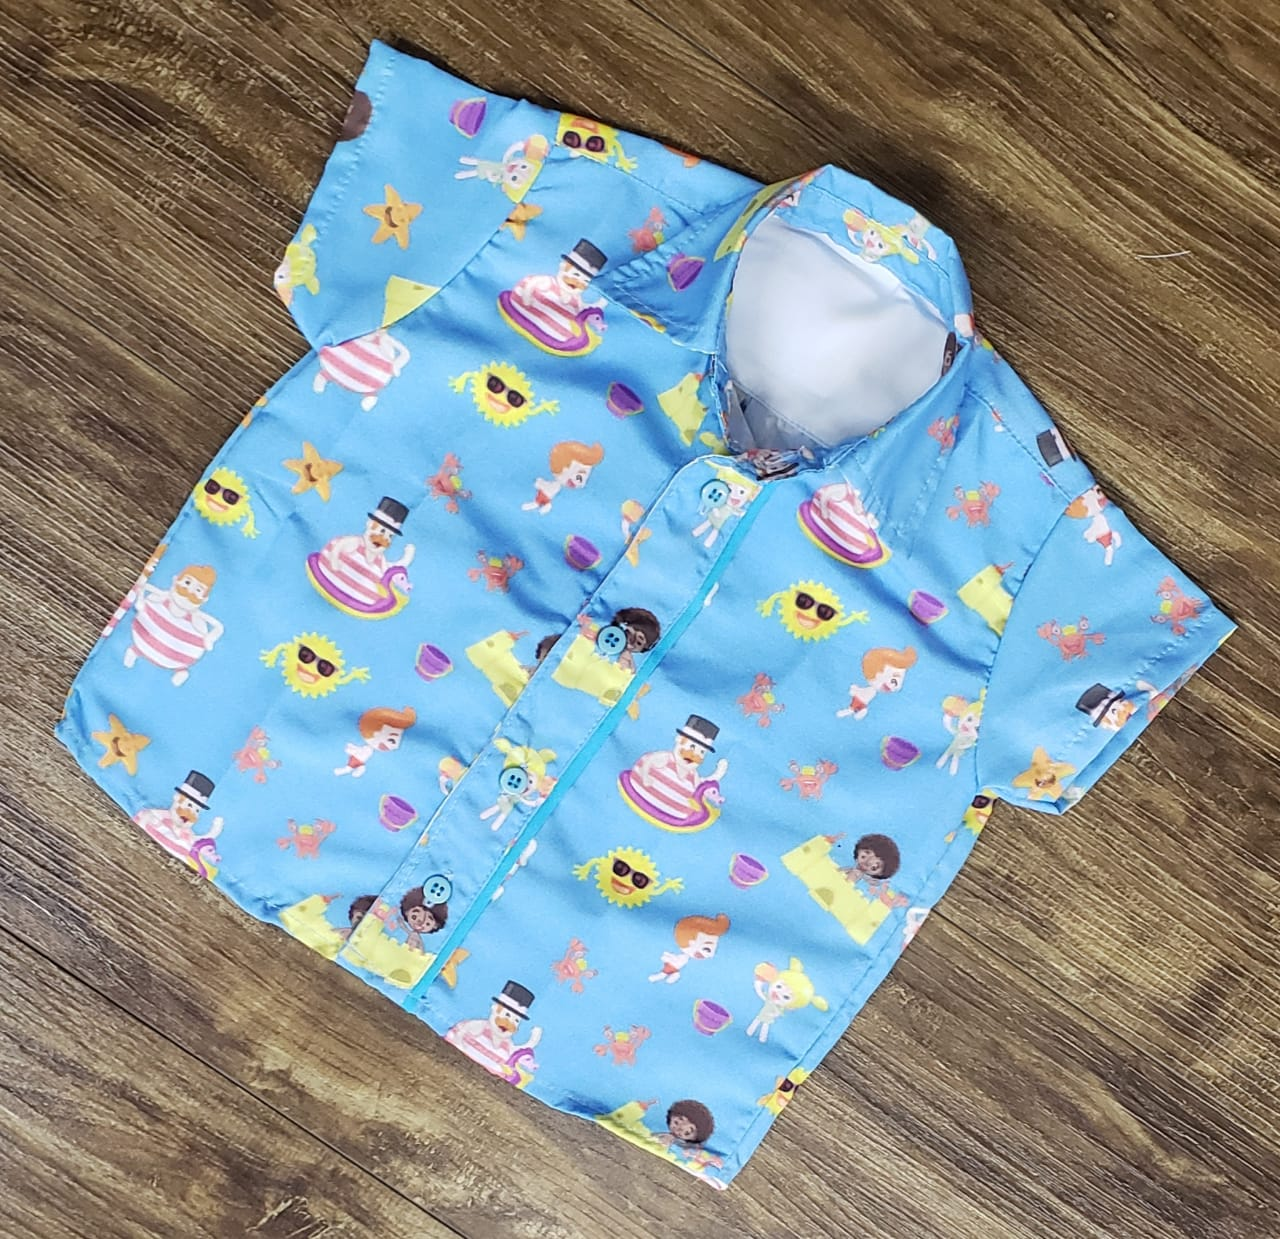 Camisa Mundo Bita Praia Infantil